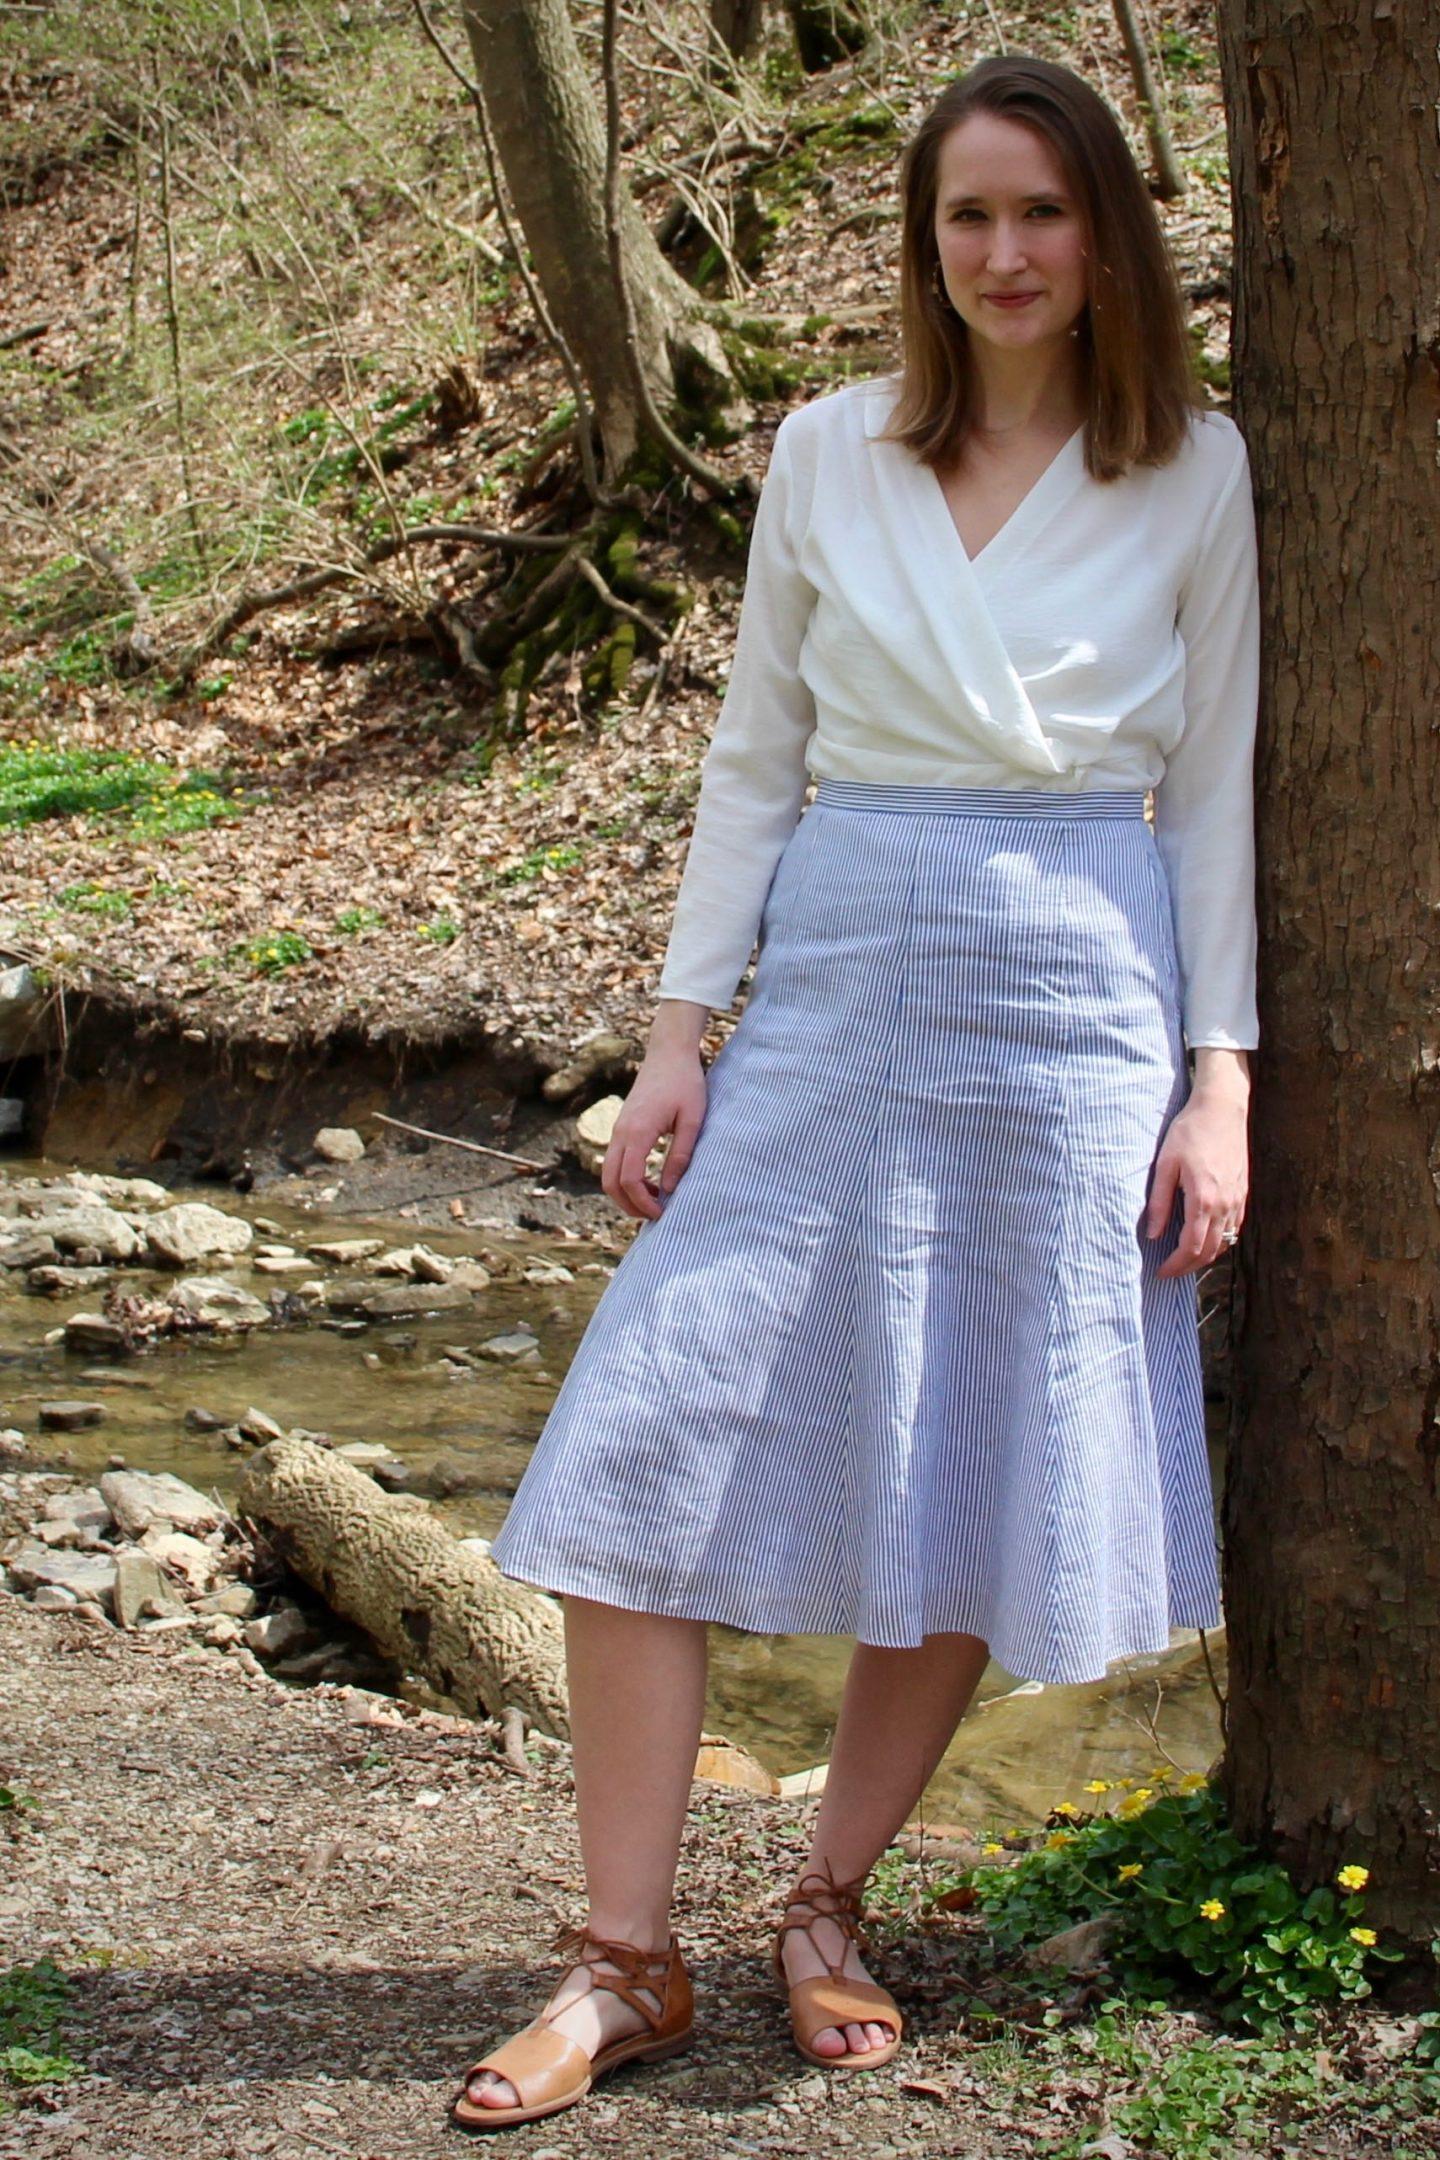 Midi Skirt Easter Style ... The Spectacular Adventurer